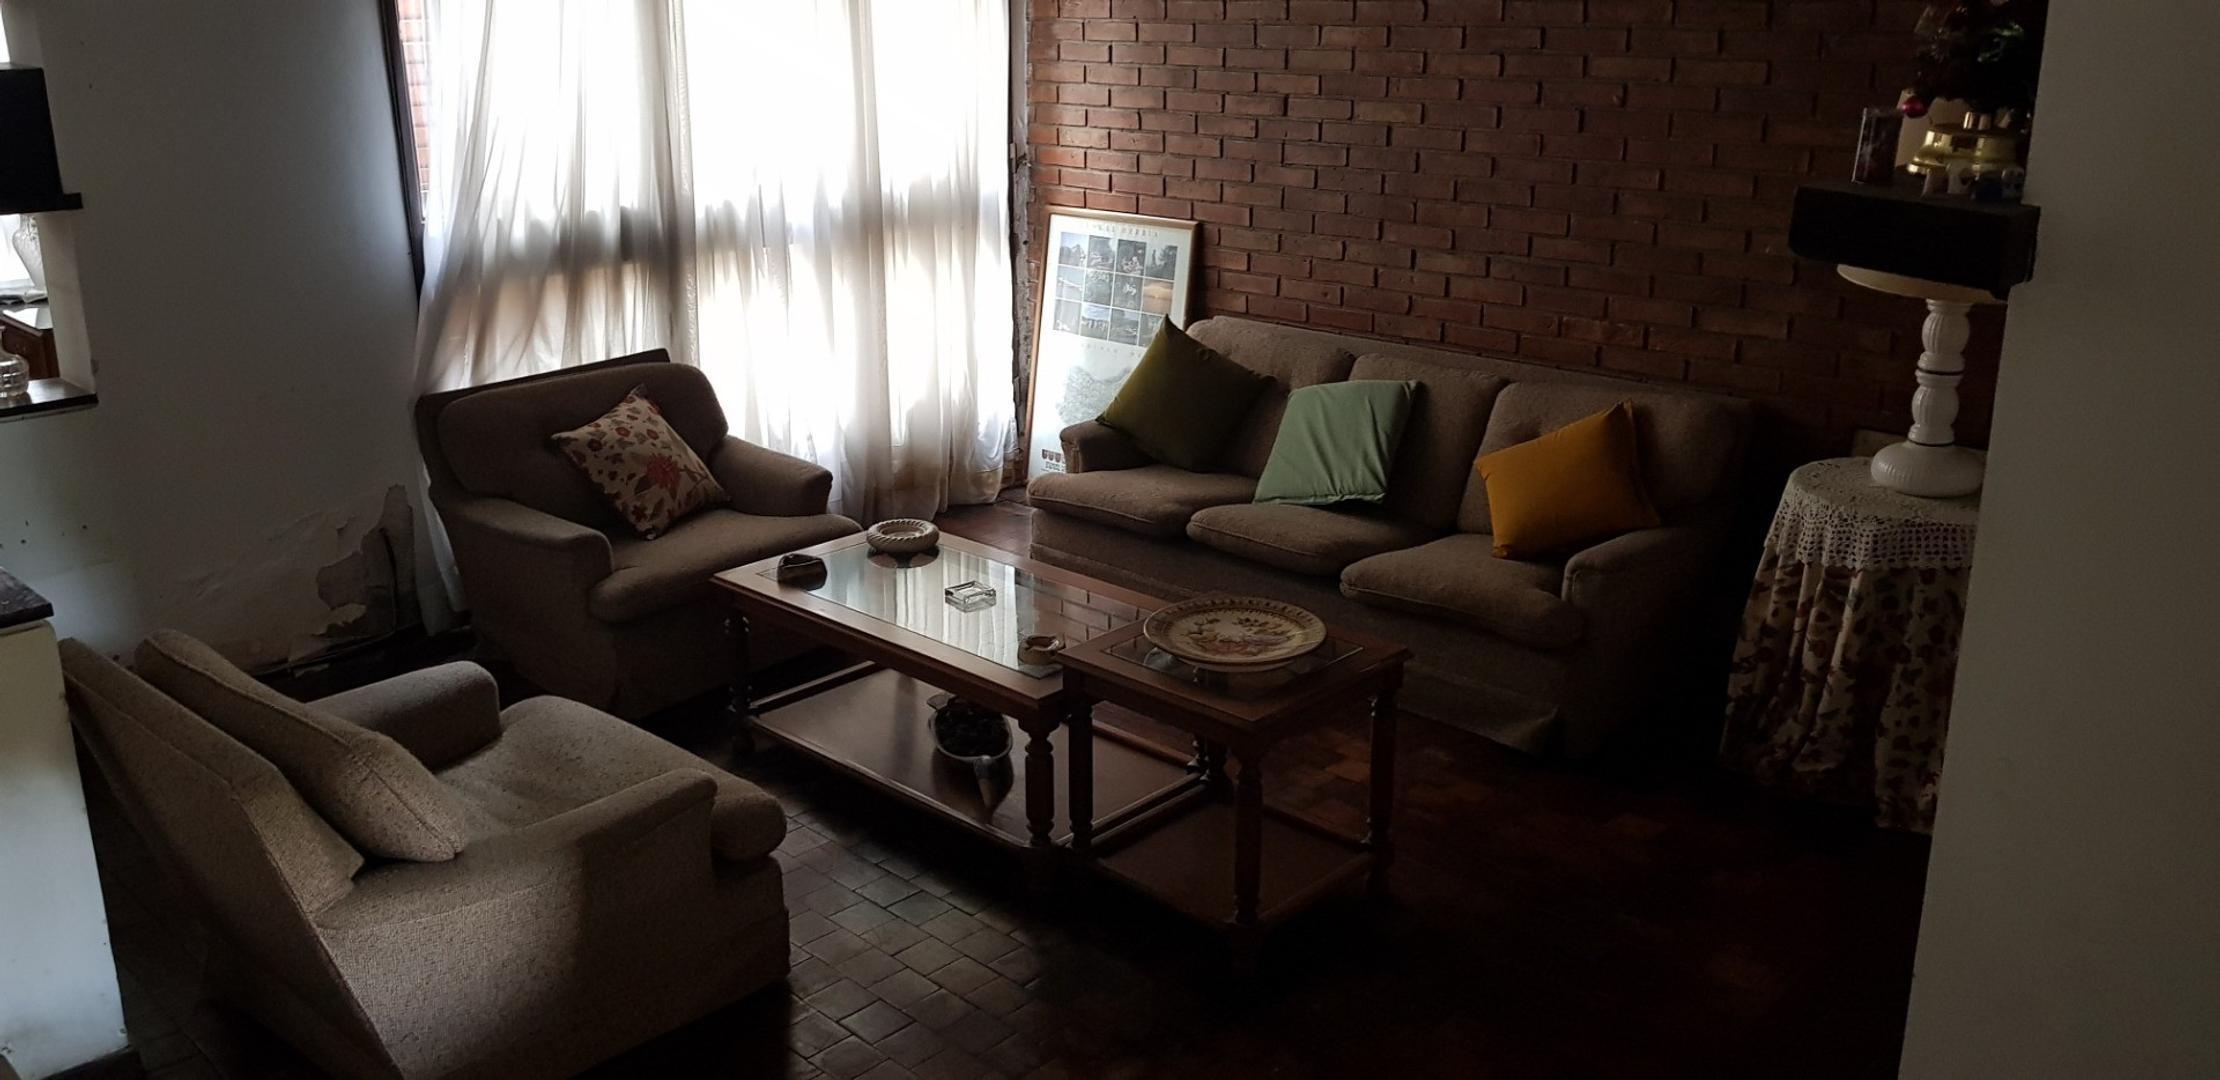 Casa - 300 m² | 5 dormitorios | 40 años